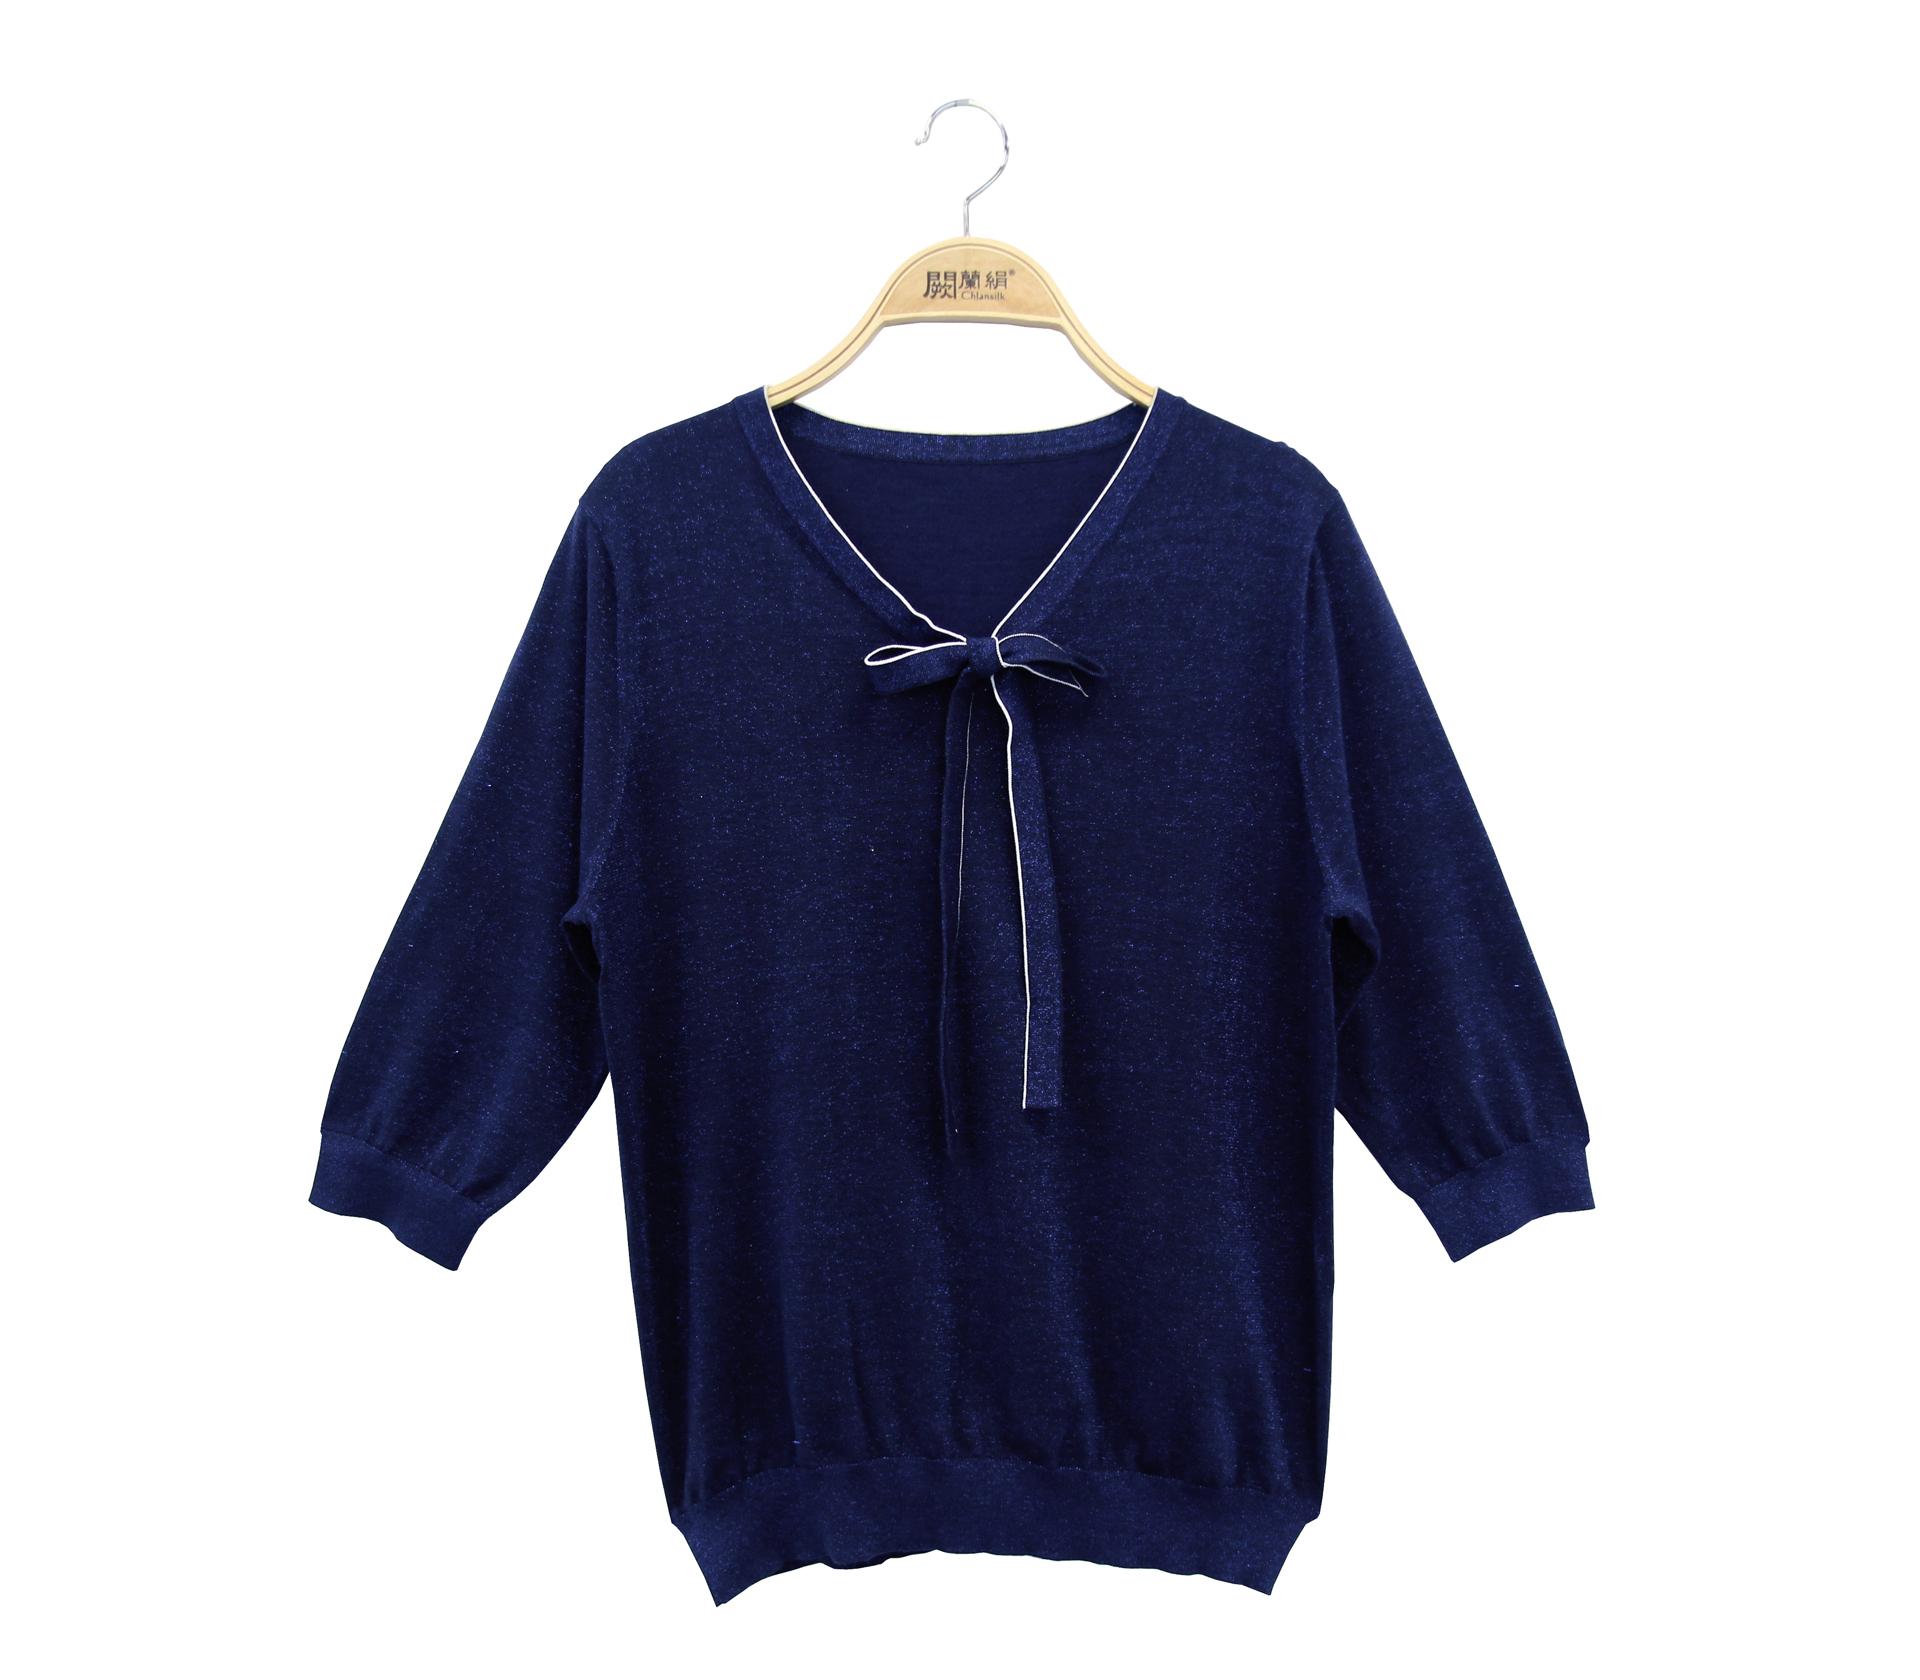 闕蘭絹閃亮奢華綁帶針織蠶絲六分袖上衣 - 藍色 - 6644